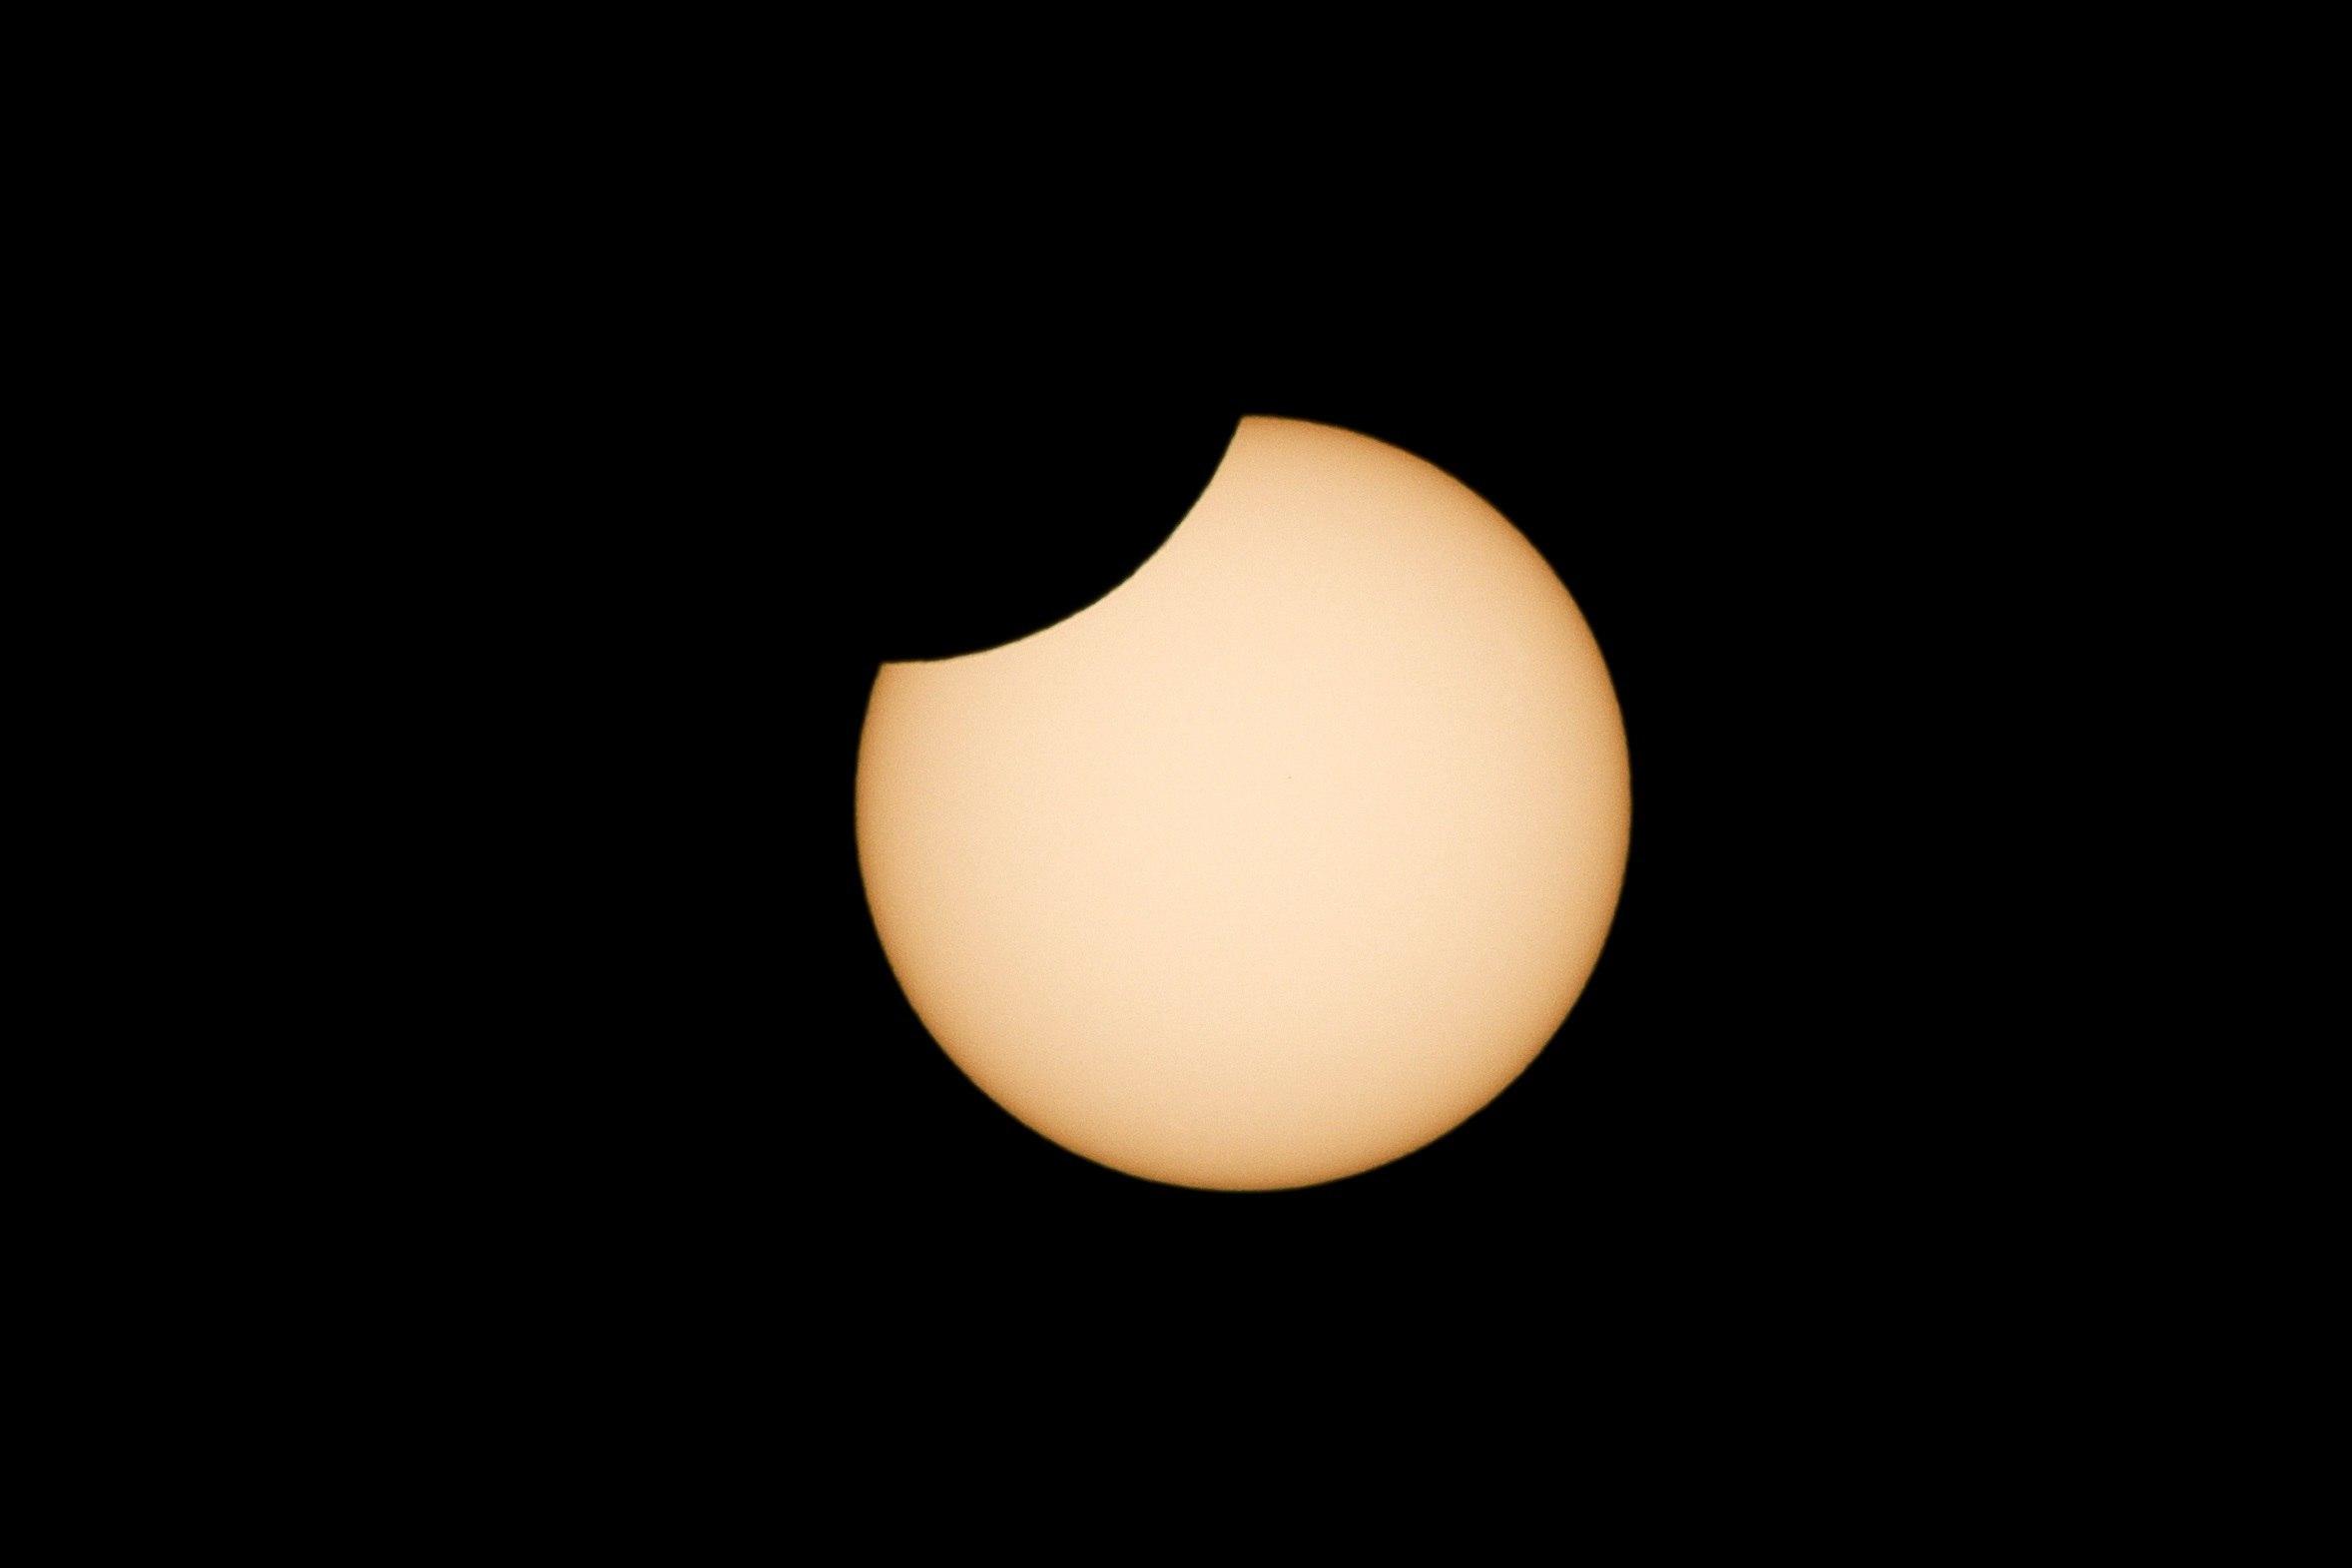 Vista del eclipse parcial de sol desde la localidad cántabra de Hinojedo.